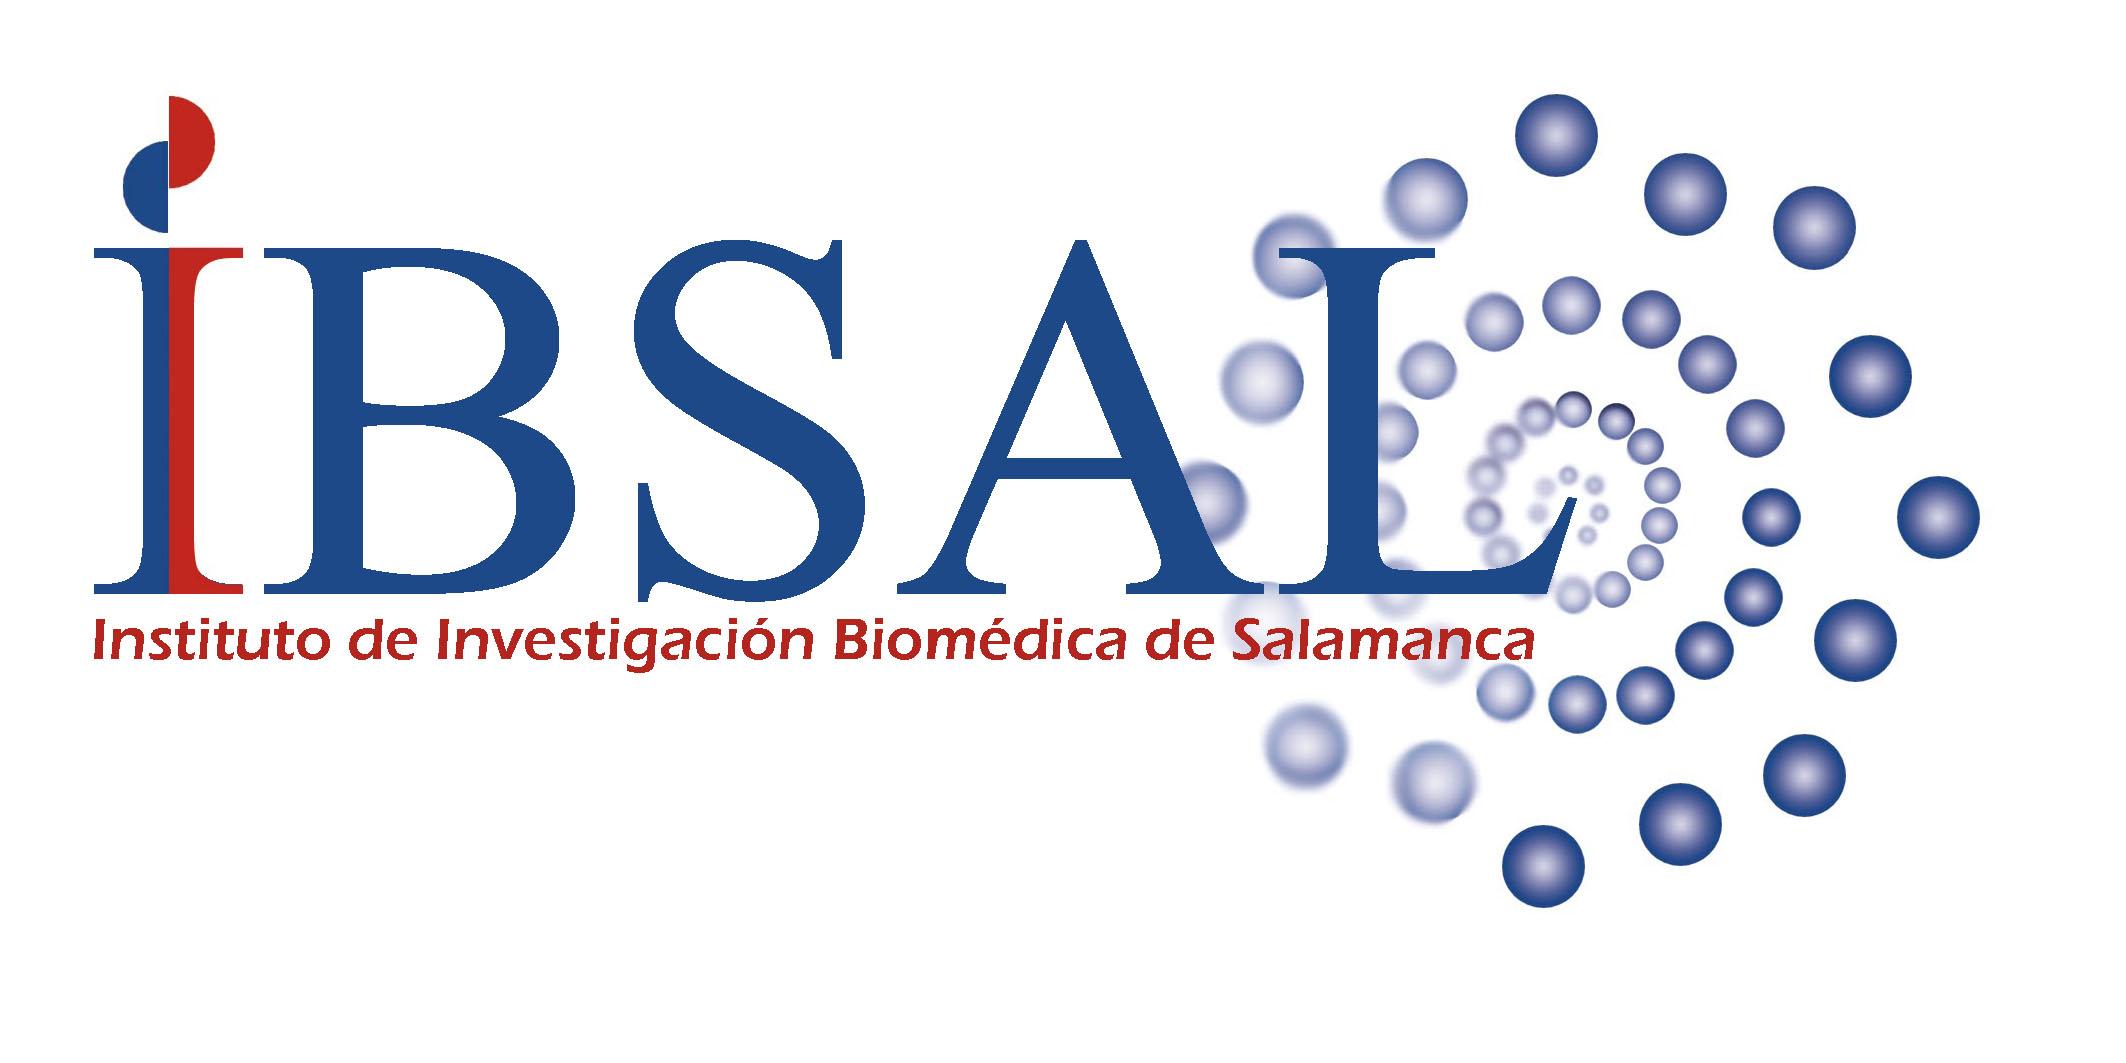 Instituto de Investigación Biomédica de Salamanca